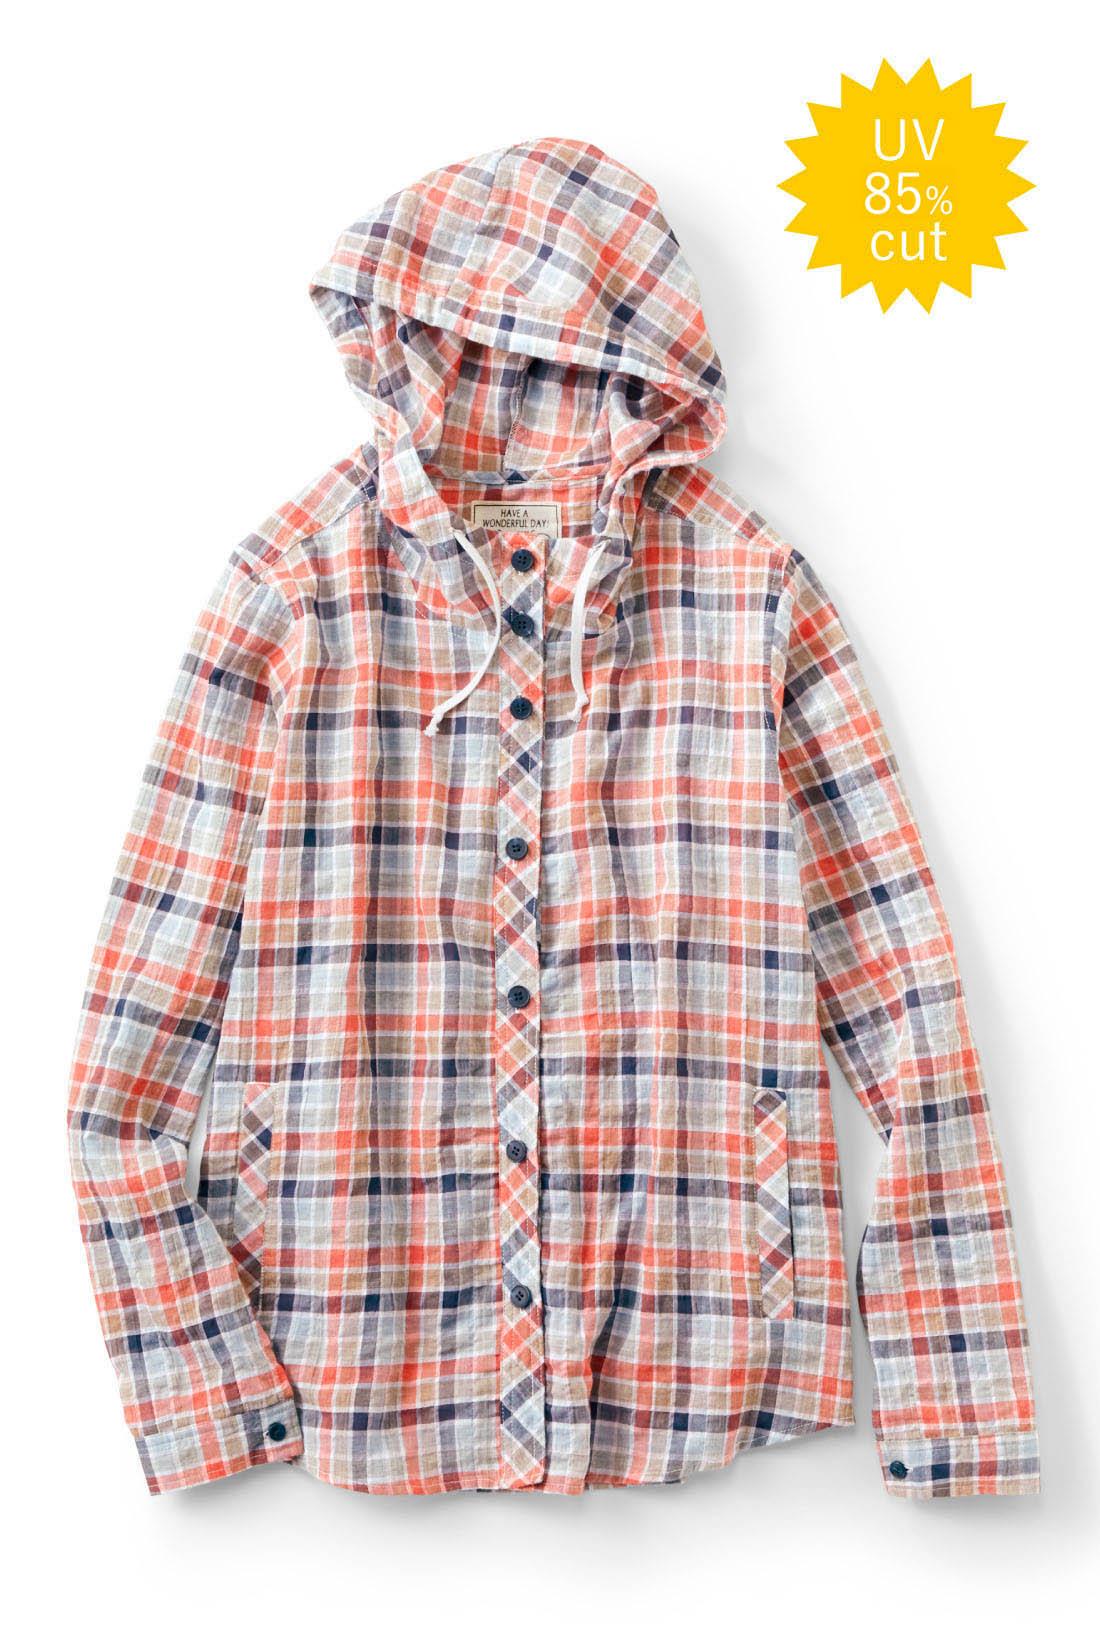 リブ イン コンフォート くしゅくしゅ素材が軽やかな  UVカットシャツパーカー〈ネイビー×レッド〉